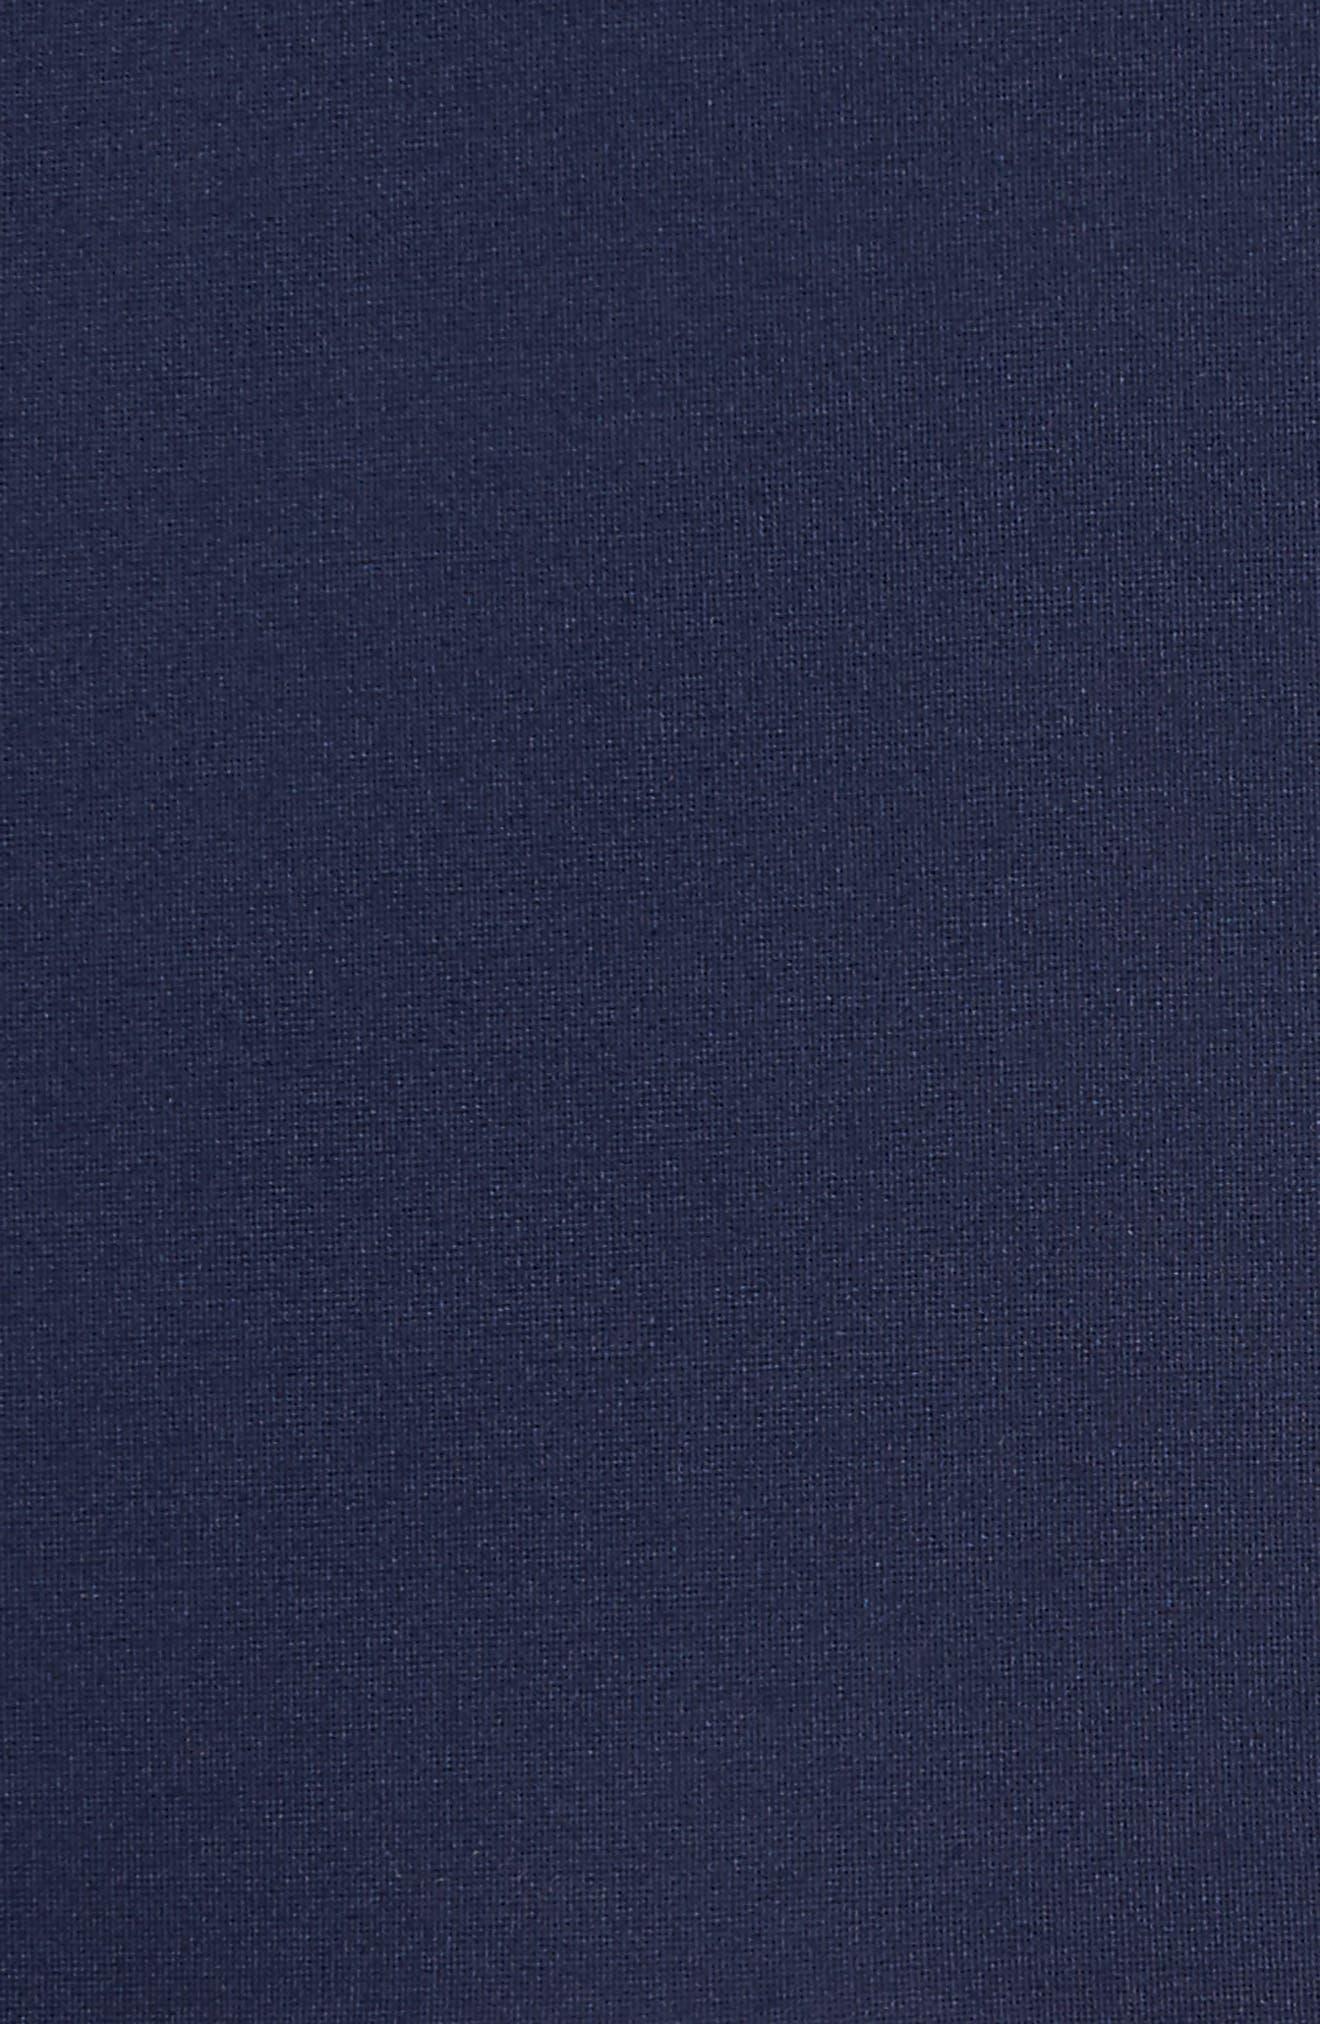 Ruffle Hem Knit Dress,                             Alternate thumbnail 5, color,